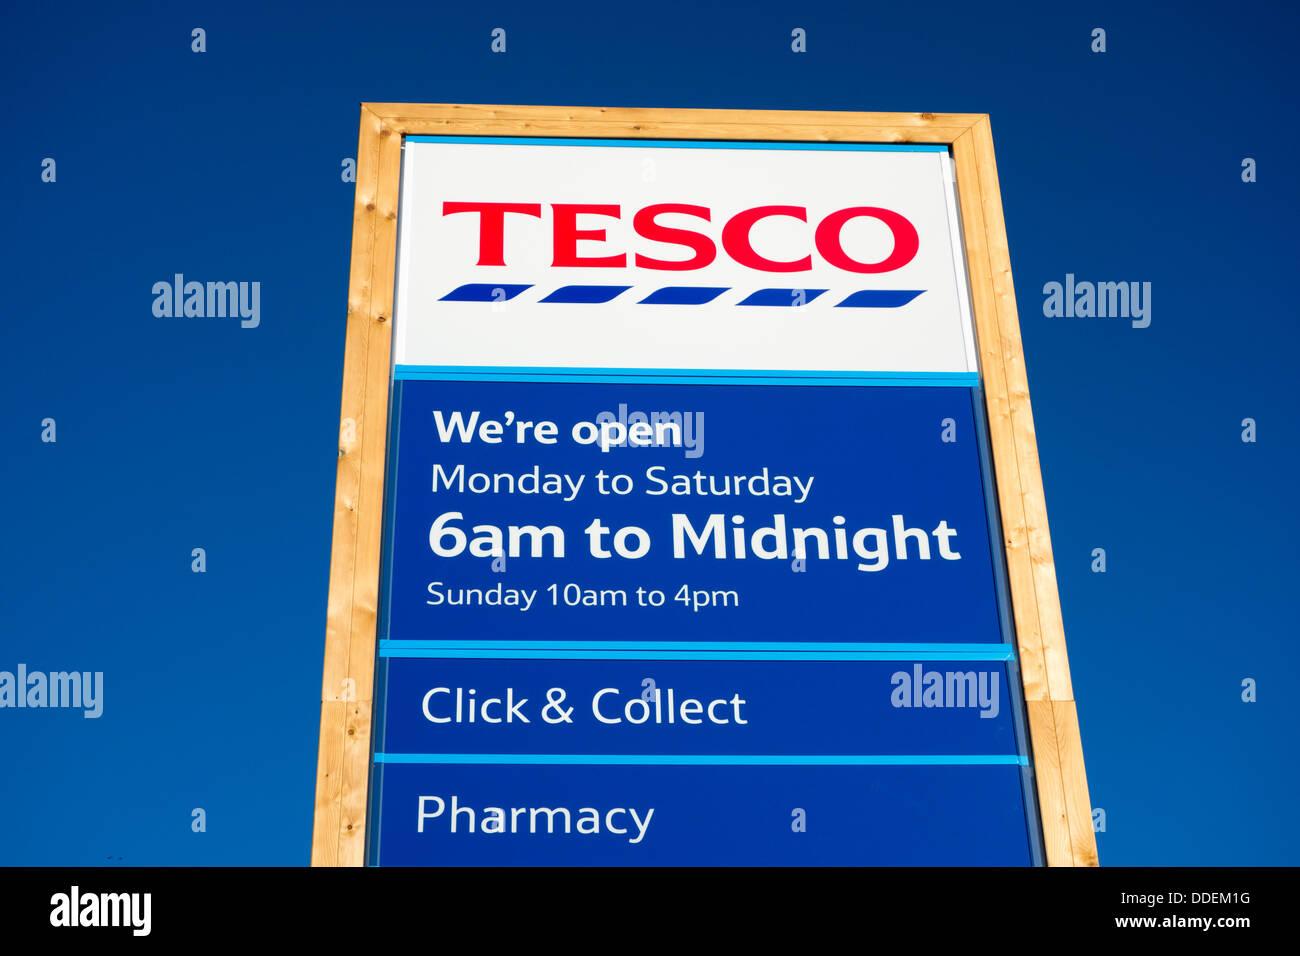 Tesco supermarket sign, England, UK Stock Photo